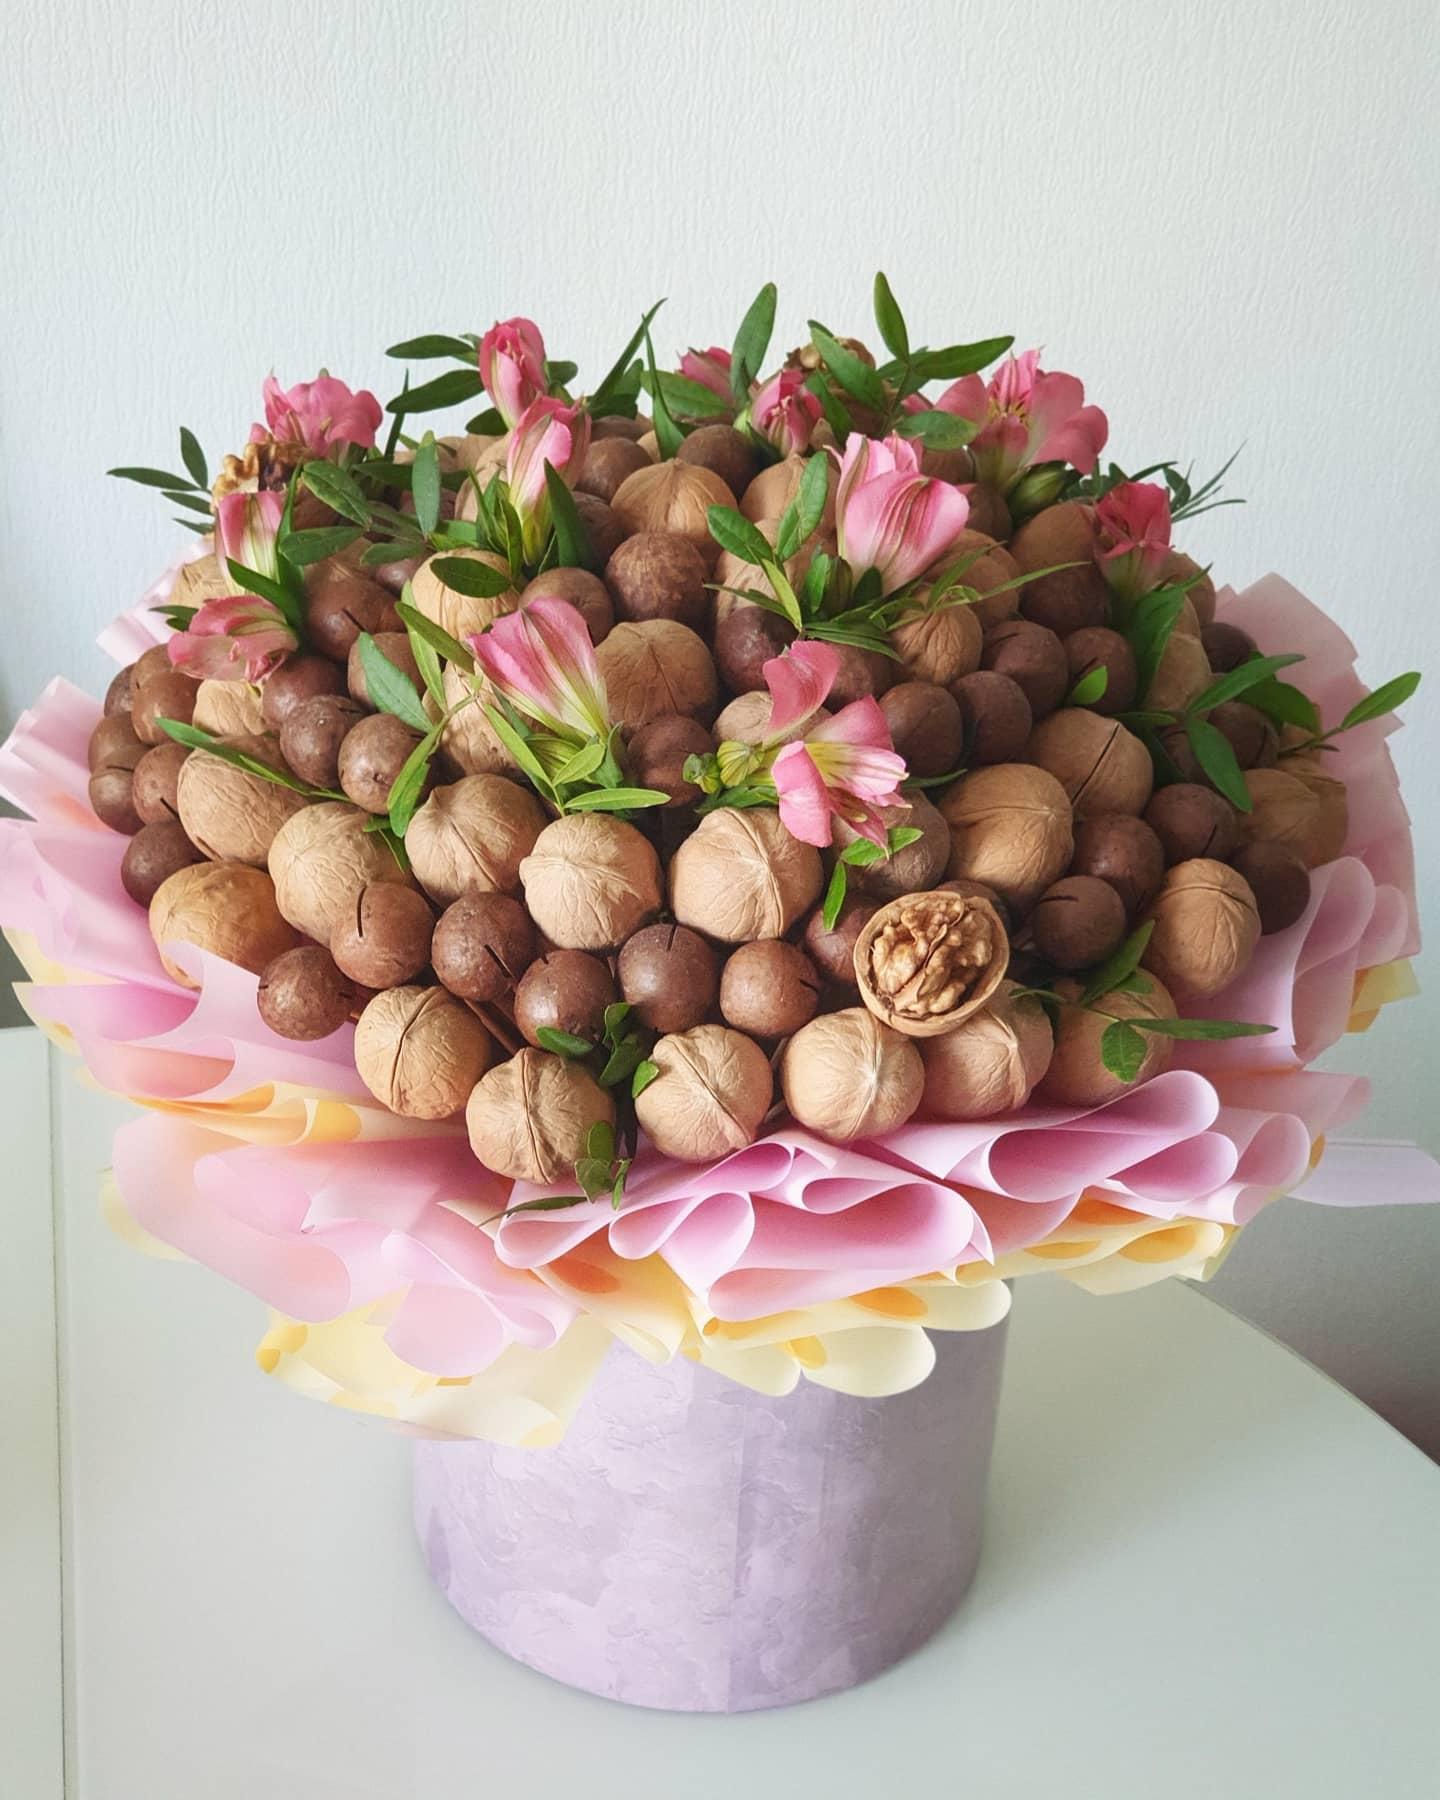 Букет из орехов - в Екатеринбурге заказать на сайте ekbbuket.ru